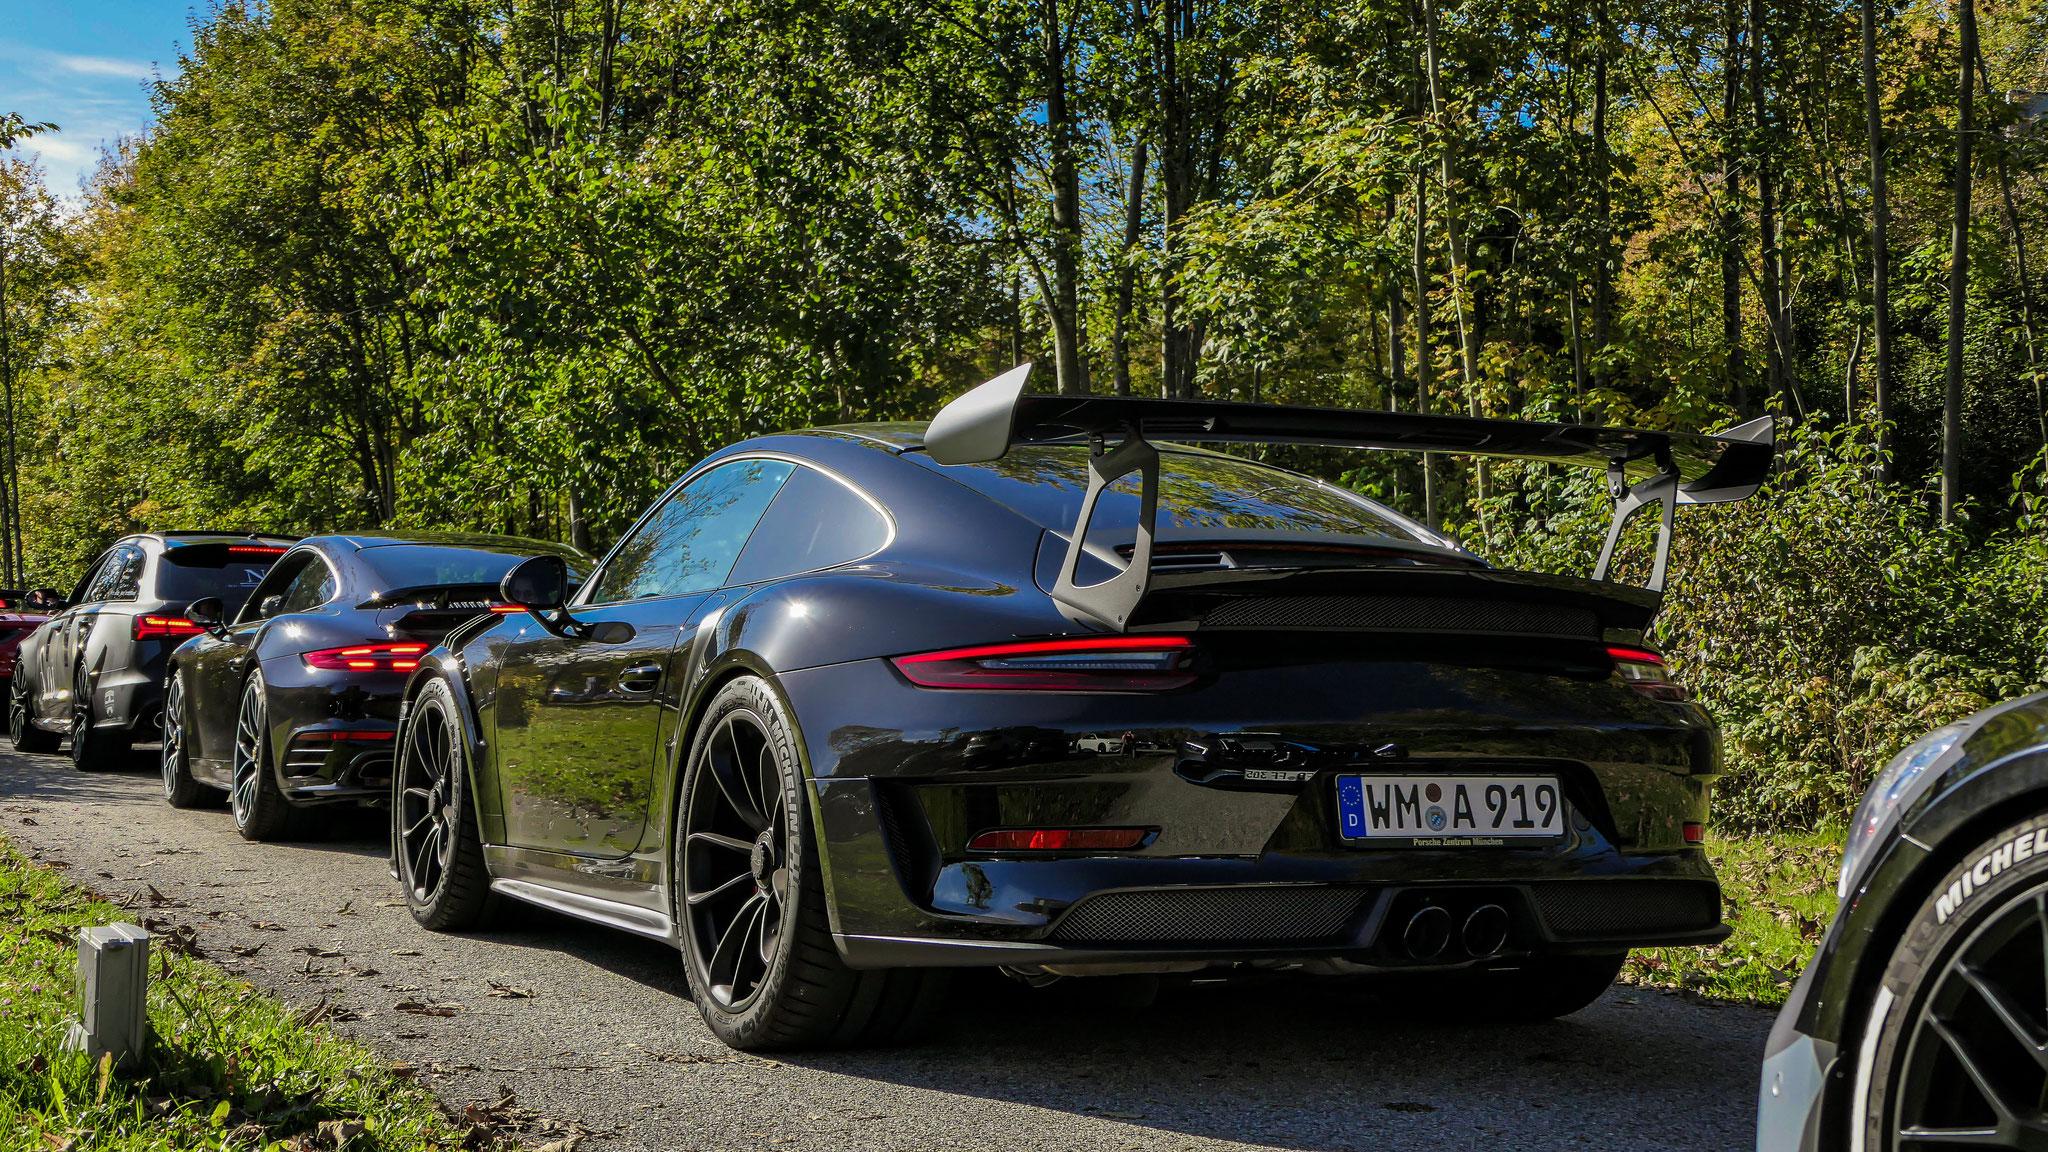 Porsche 911 991.2 GT3 RS - WM-A-919